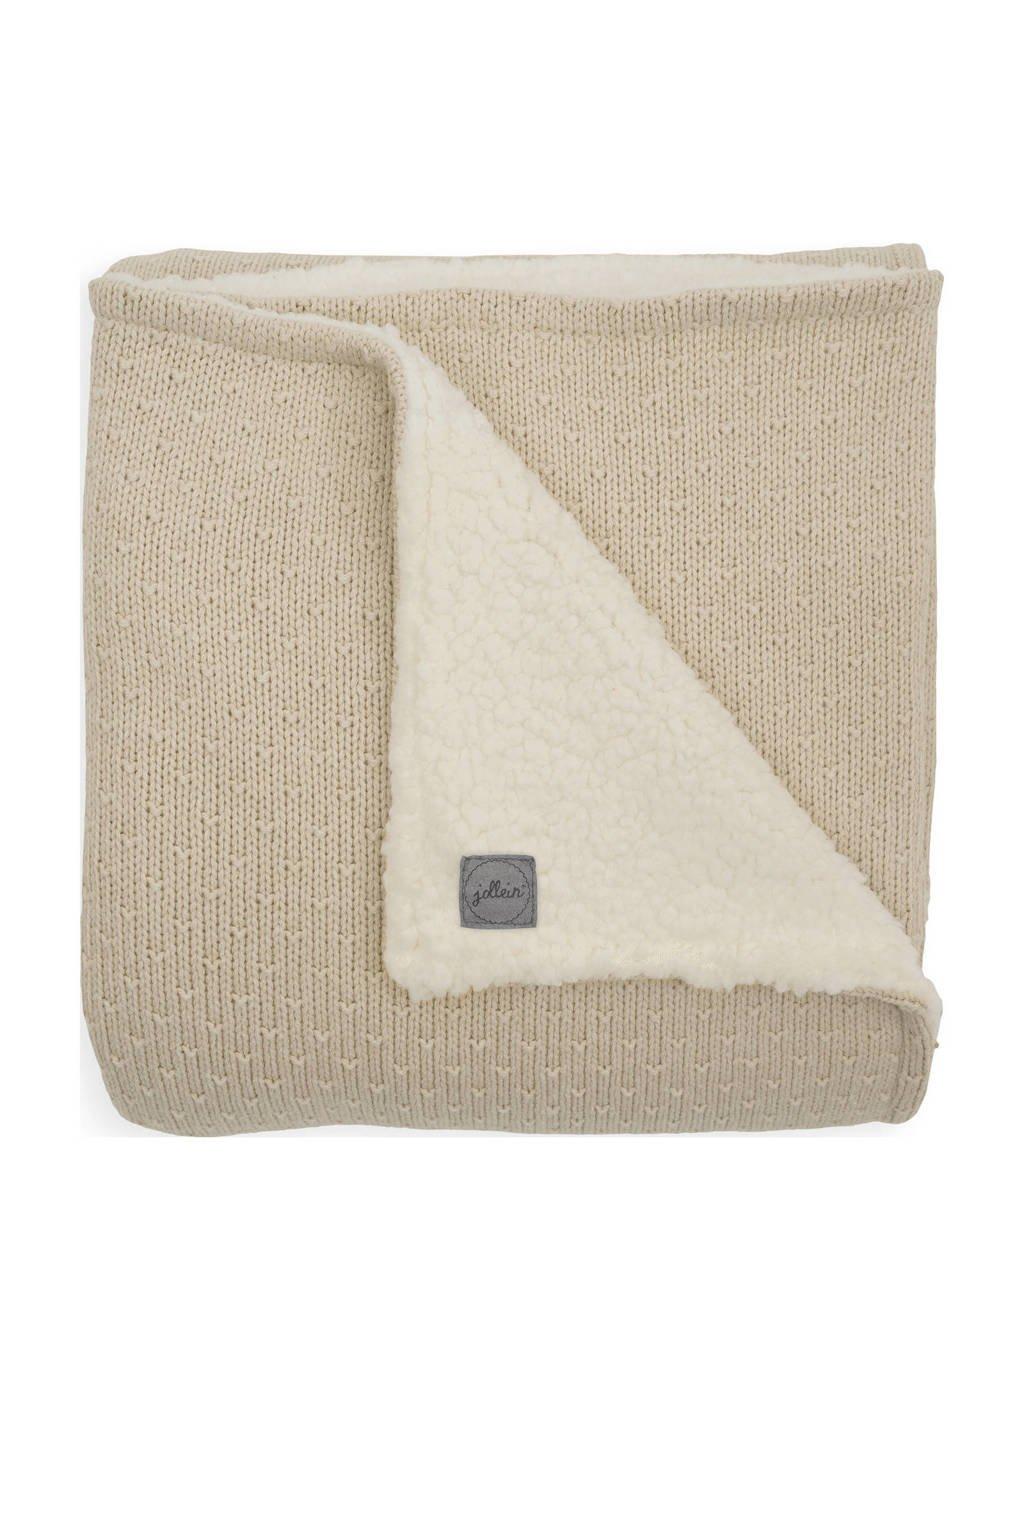 Jollein baby ledikant deken teddy 100x150cm Bliss knit nougat, Beige